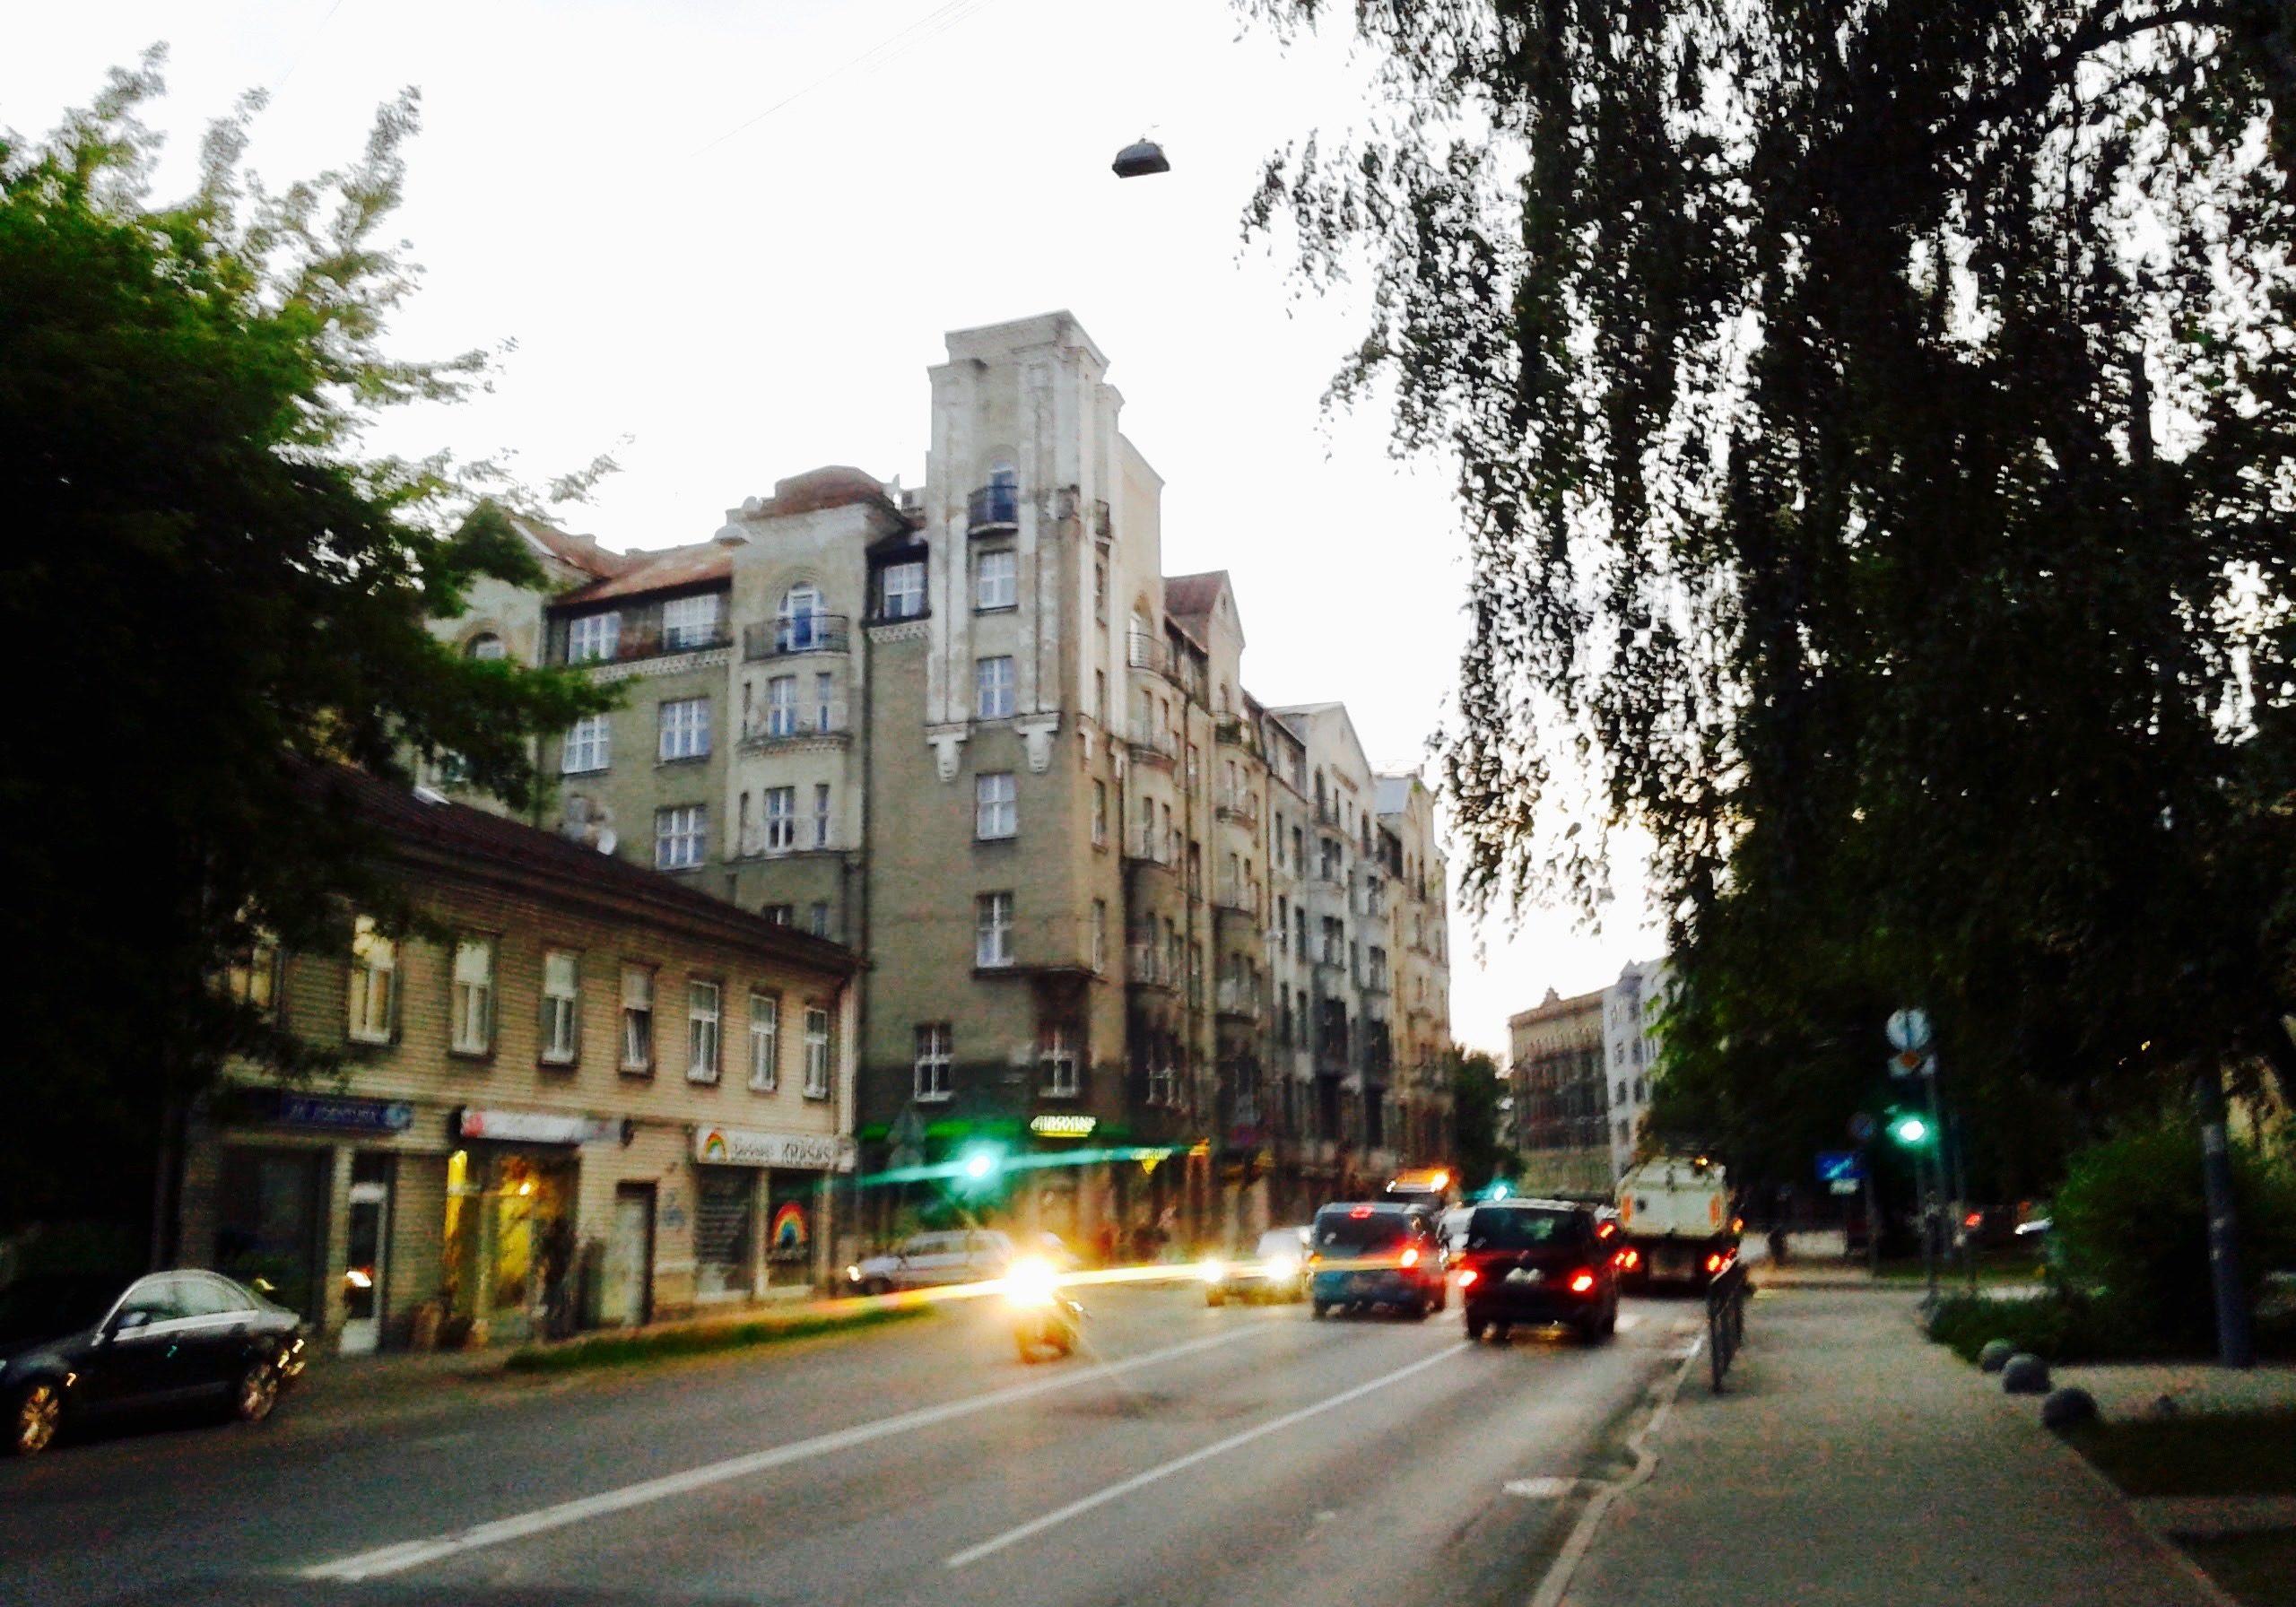 Lāčplēša Street in Avoti neighborhood